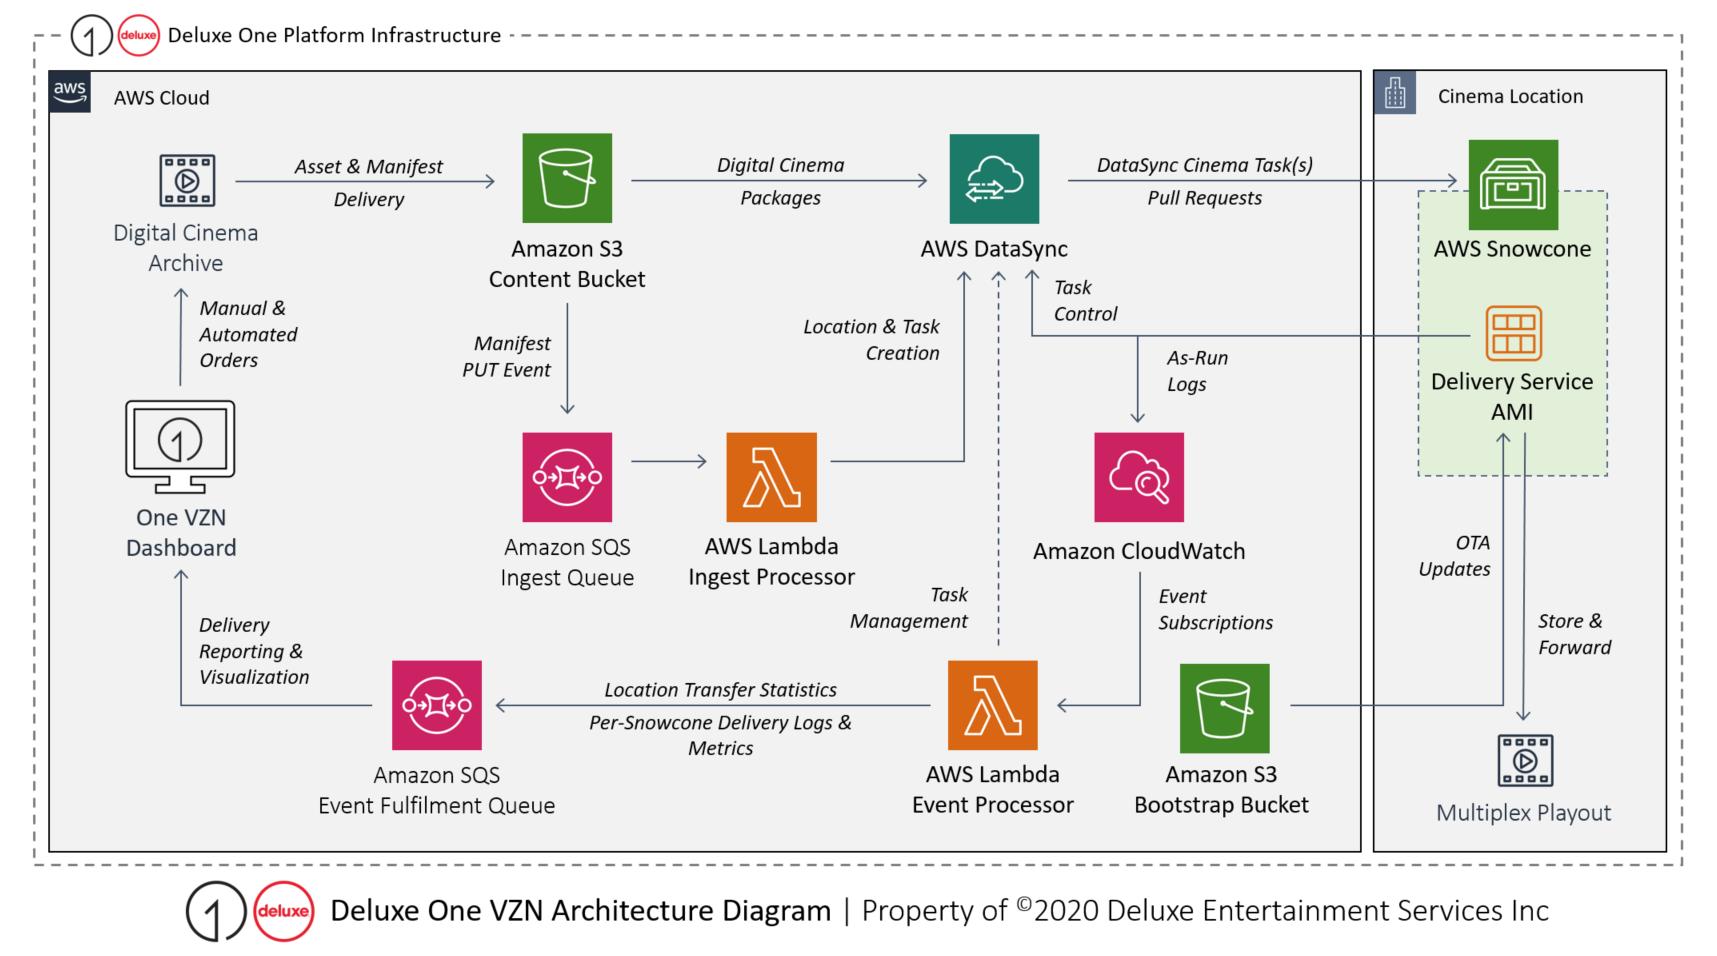 Deluxe One platform infrastructure